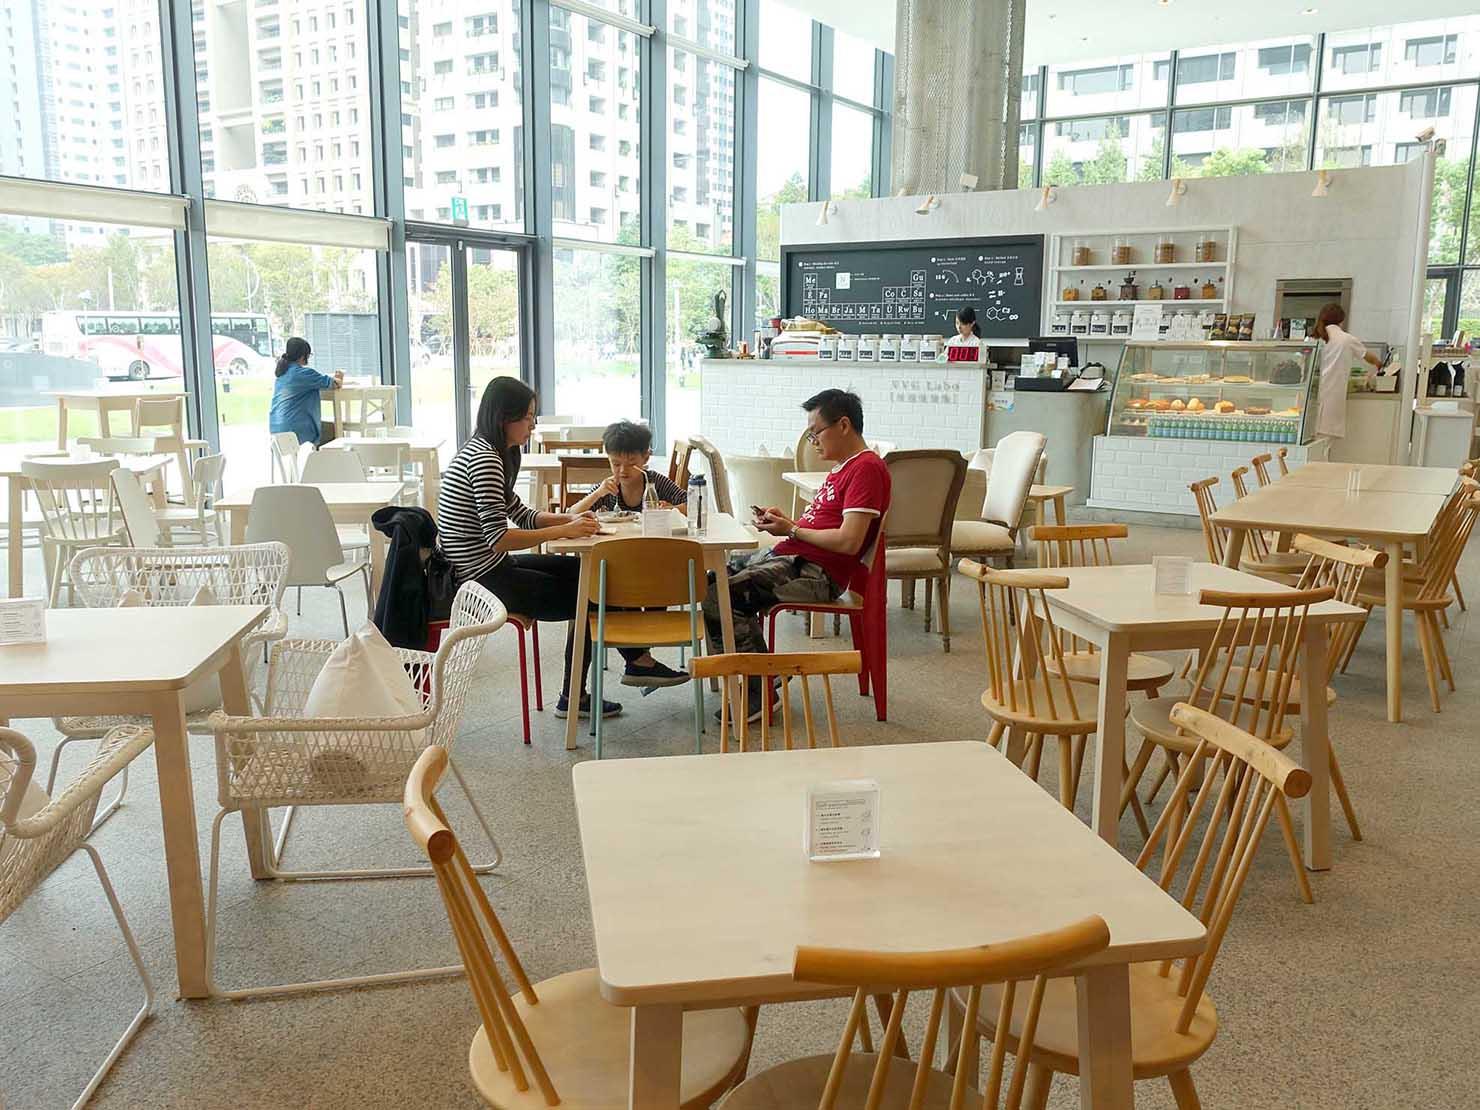 台中観光のおすすめスポット「台中歌劇院」内にあるカフェ